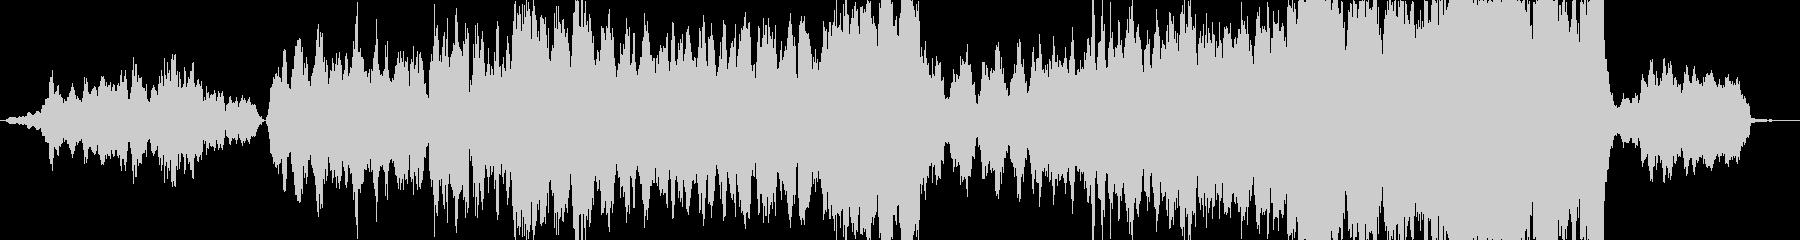 映画音楽を意識しました。どんな困難があ…の未再生の波形